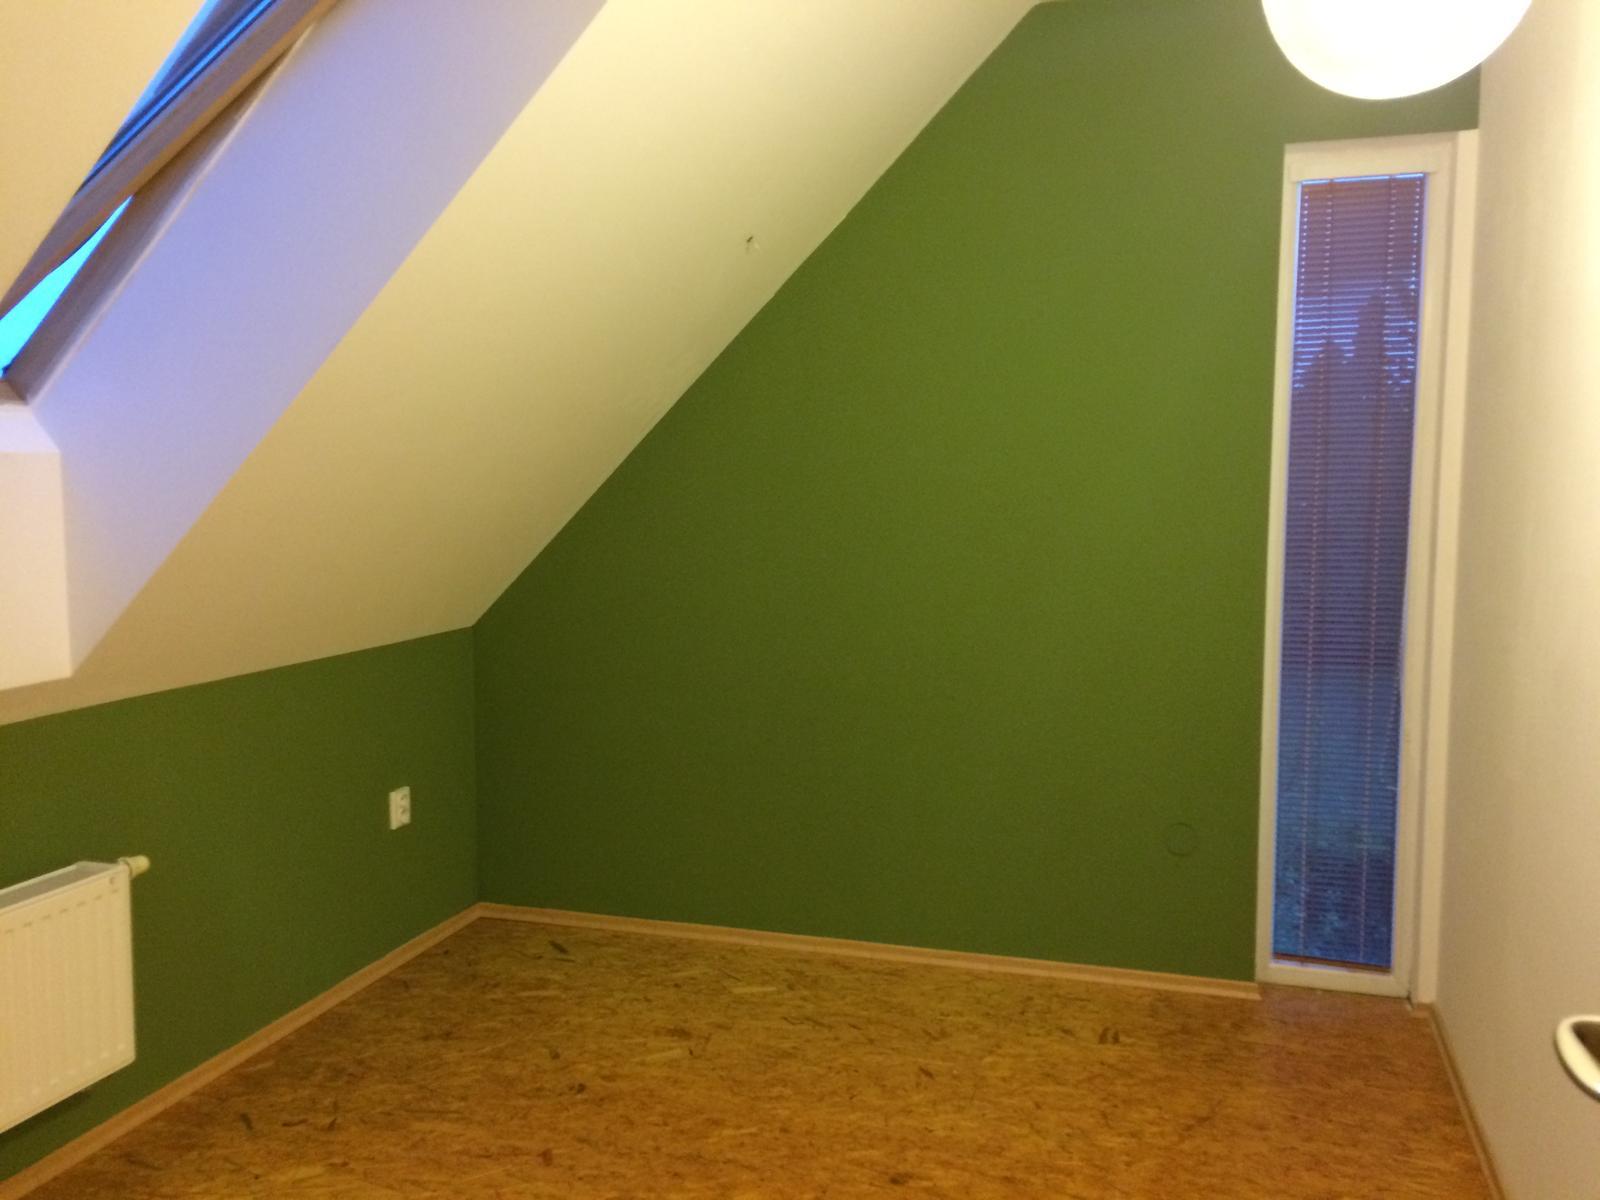 Rd - vybrala si tm. zelenou ať vynikne bílý nábytek .... i já jsem zvědavá na výsledek